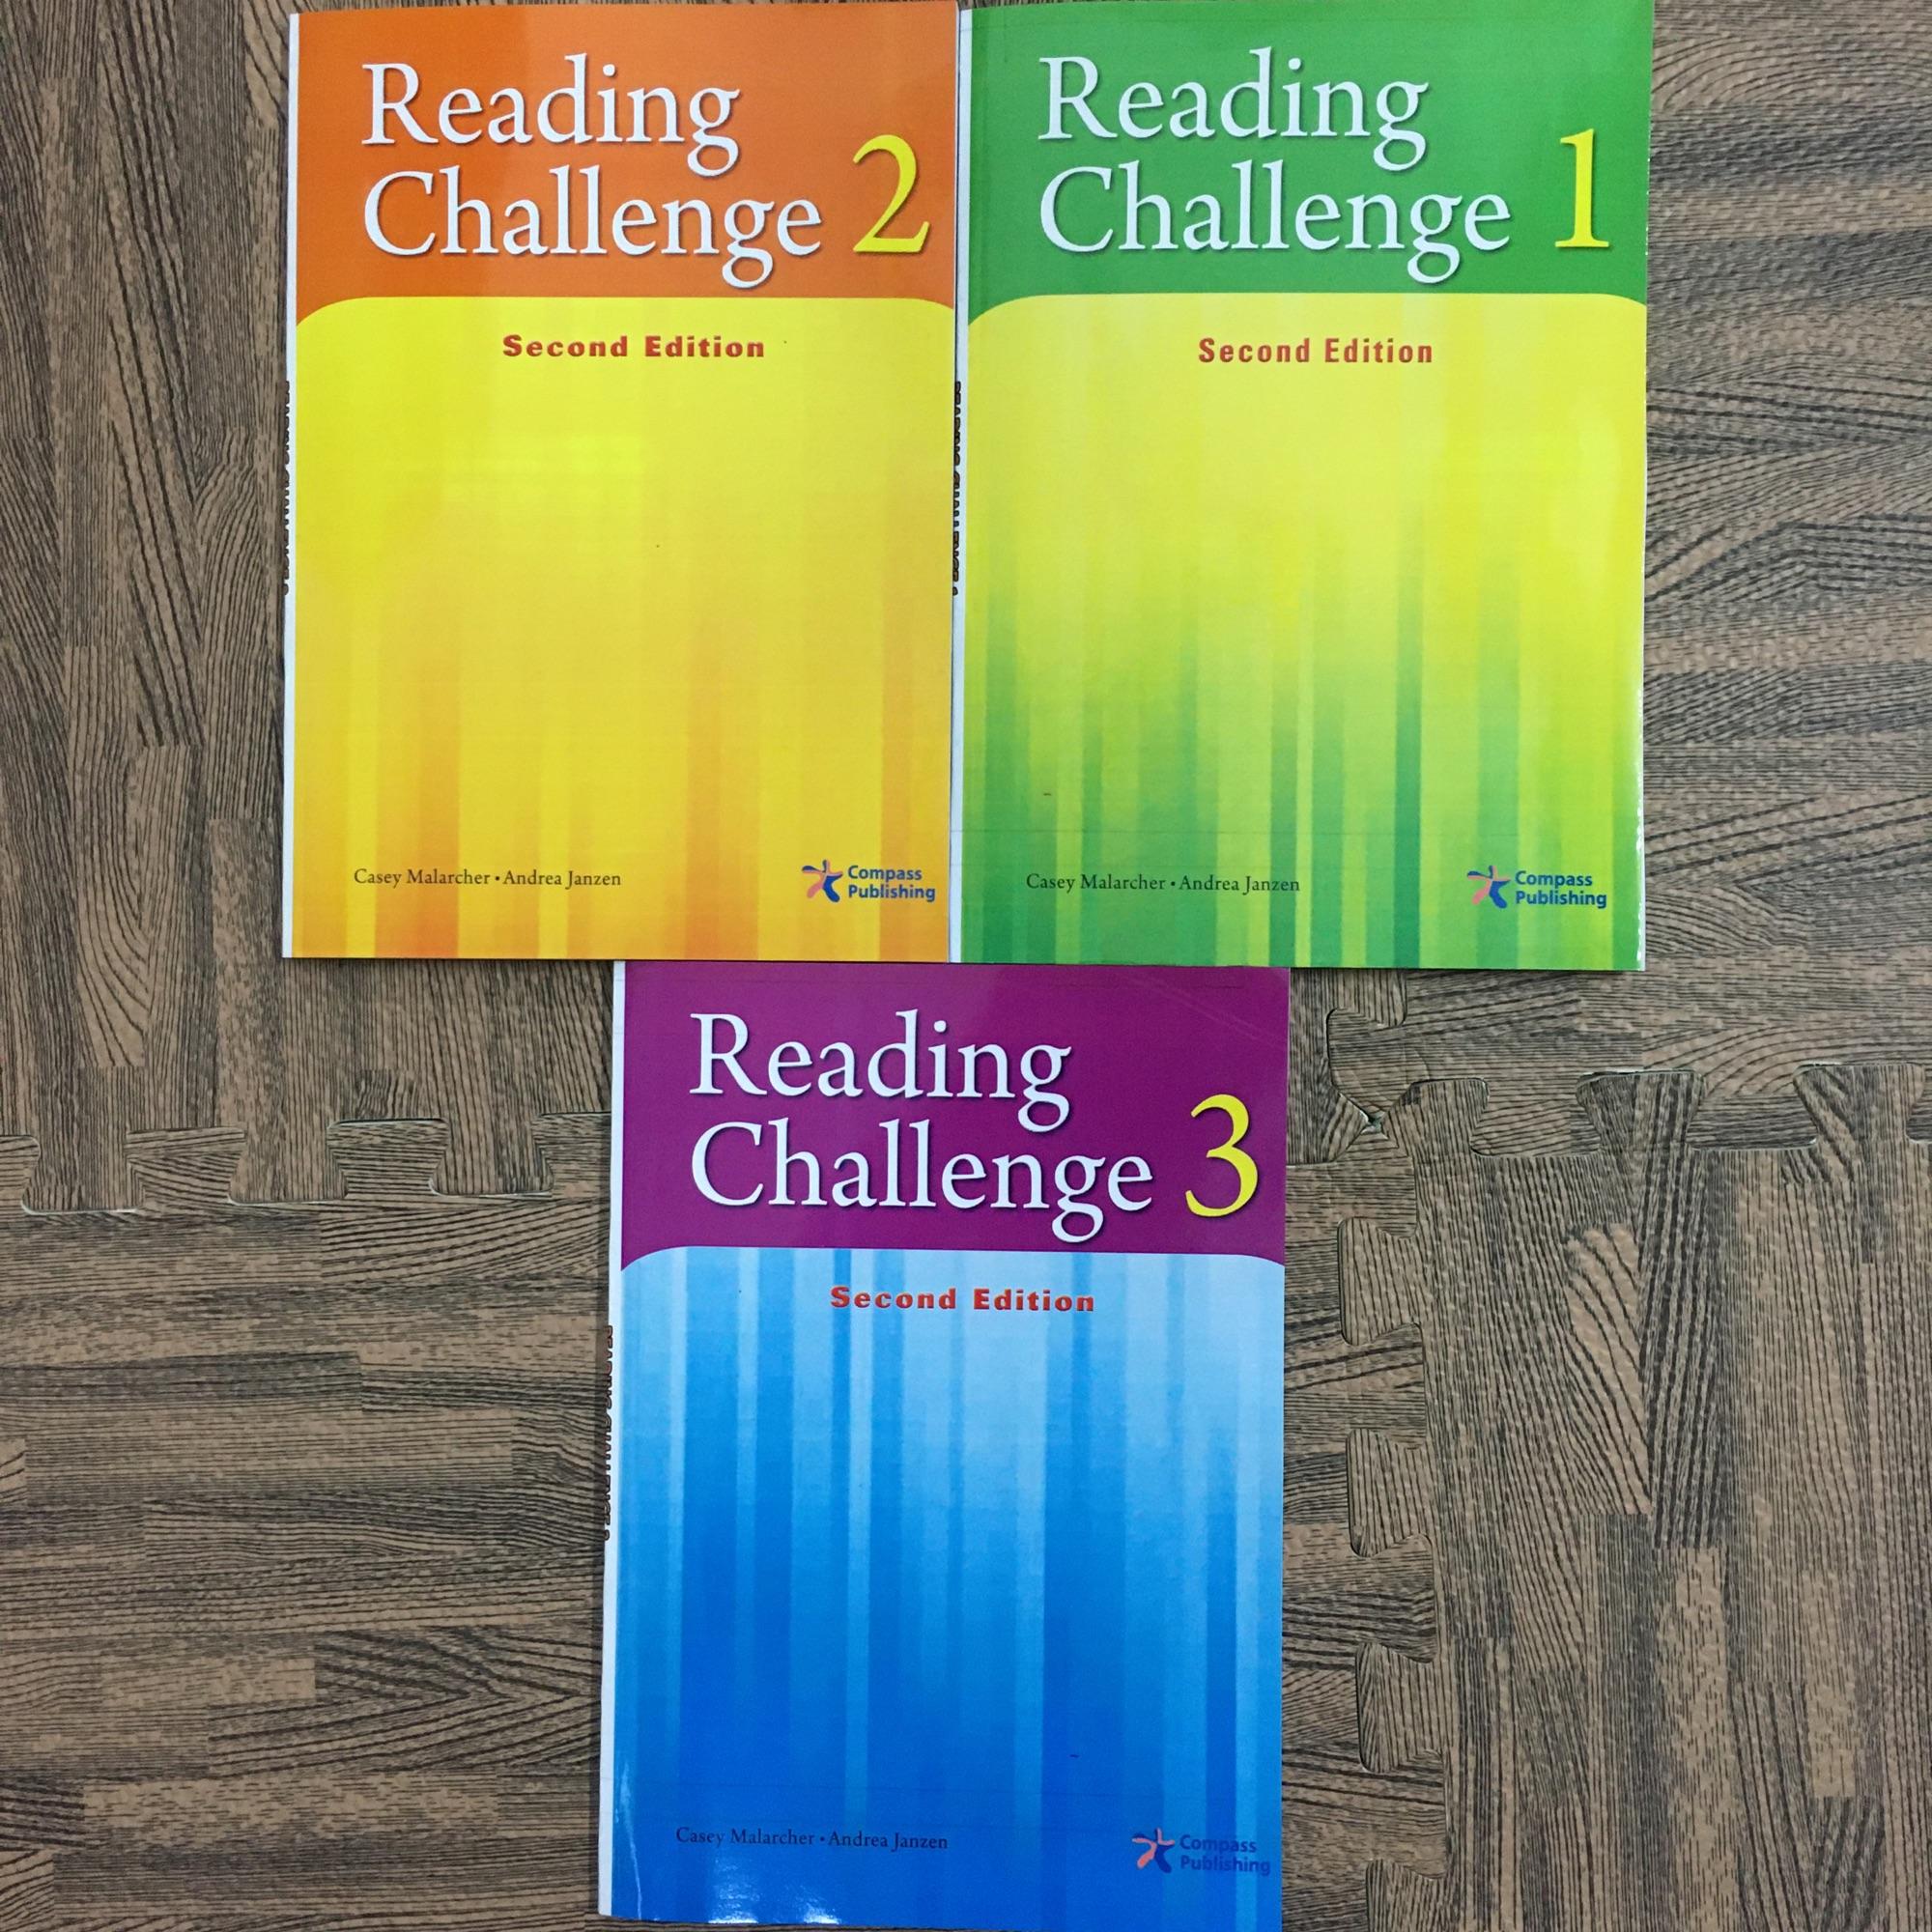 Reading Challenge 1,2,3